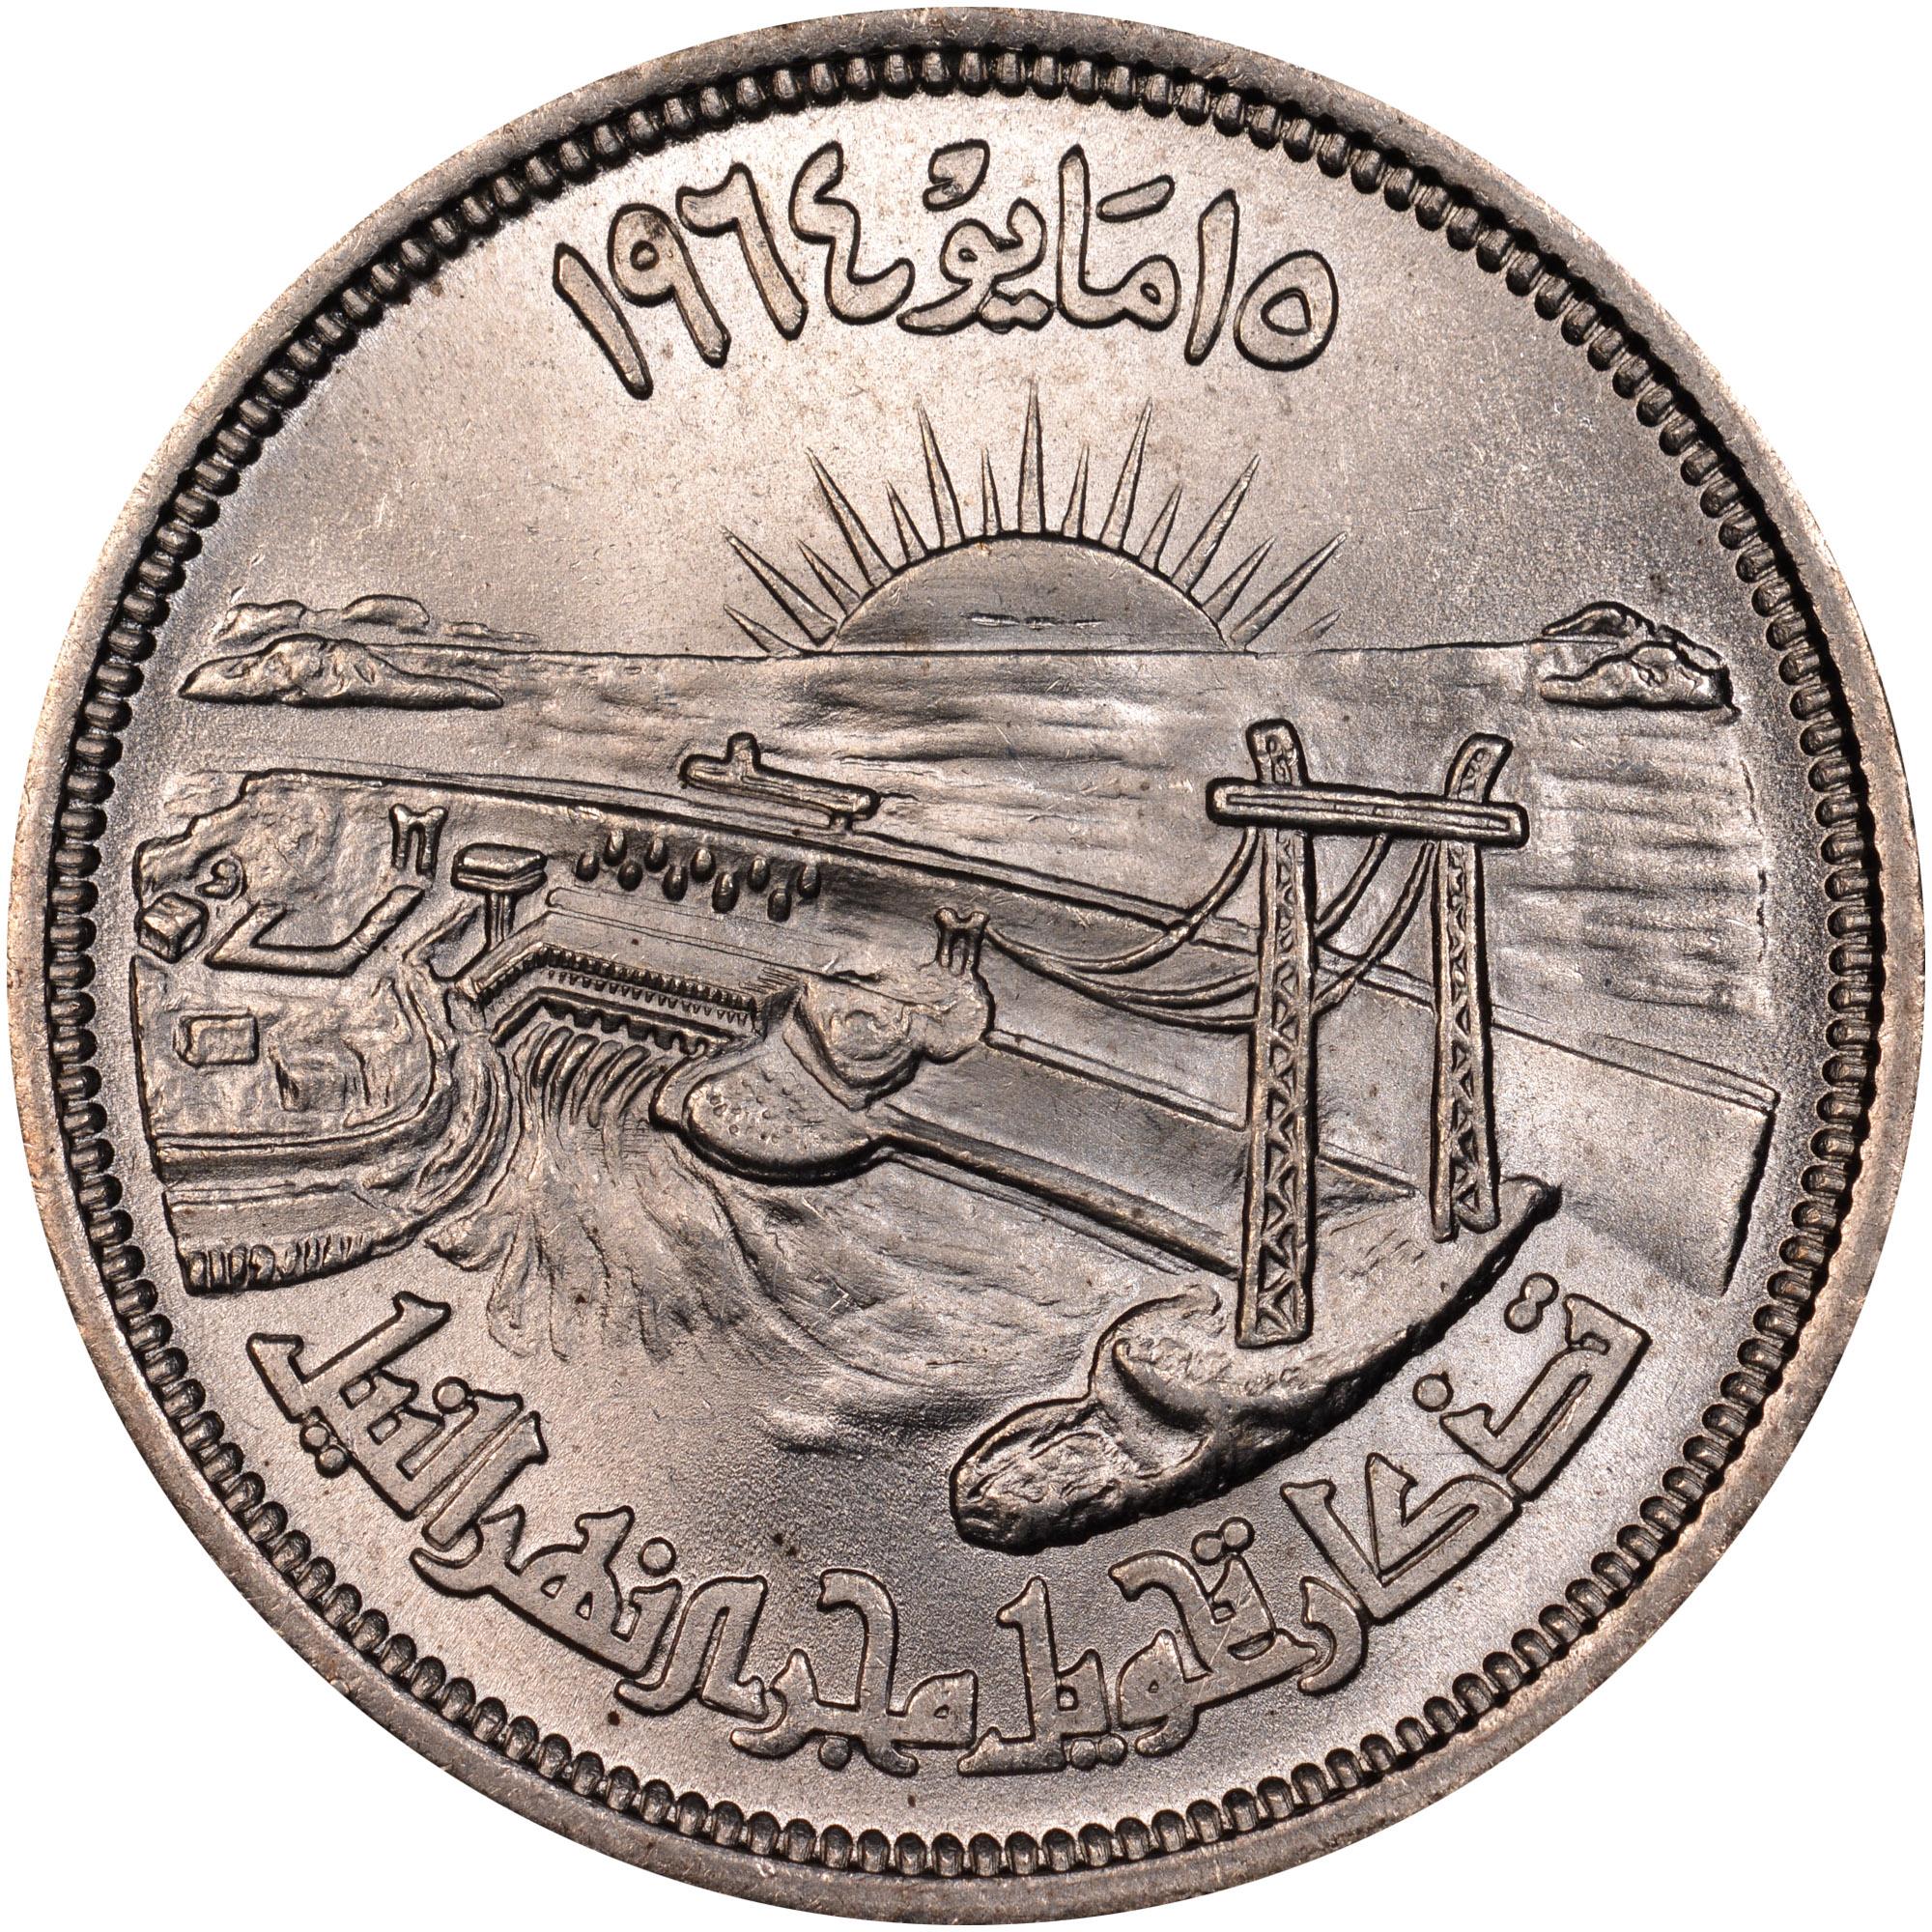 Egypt 25 Piastres reverse